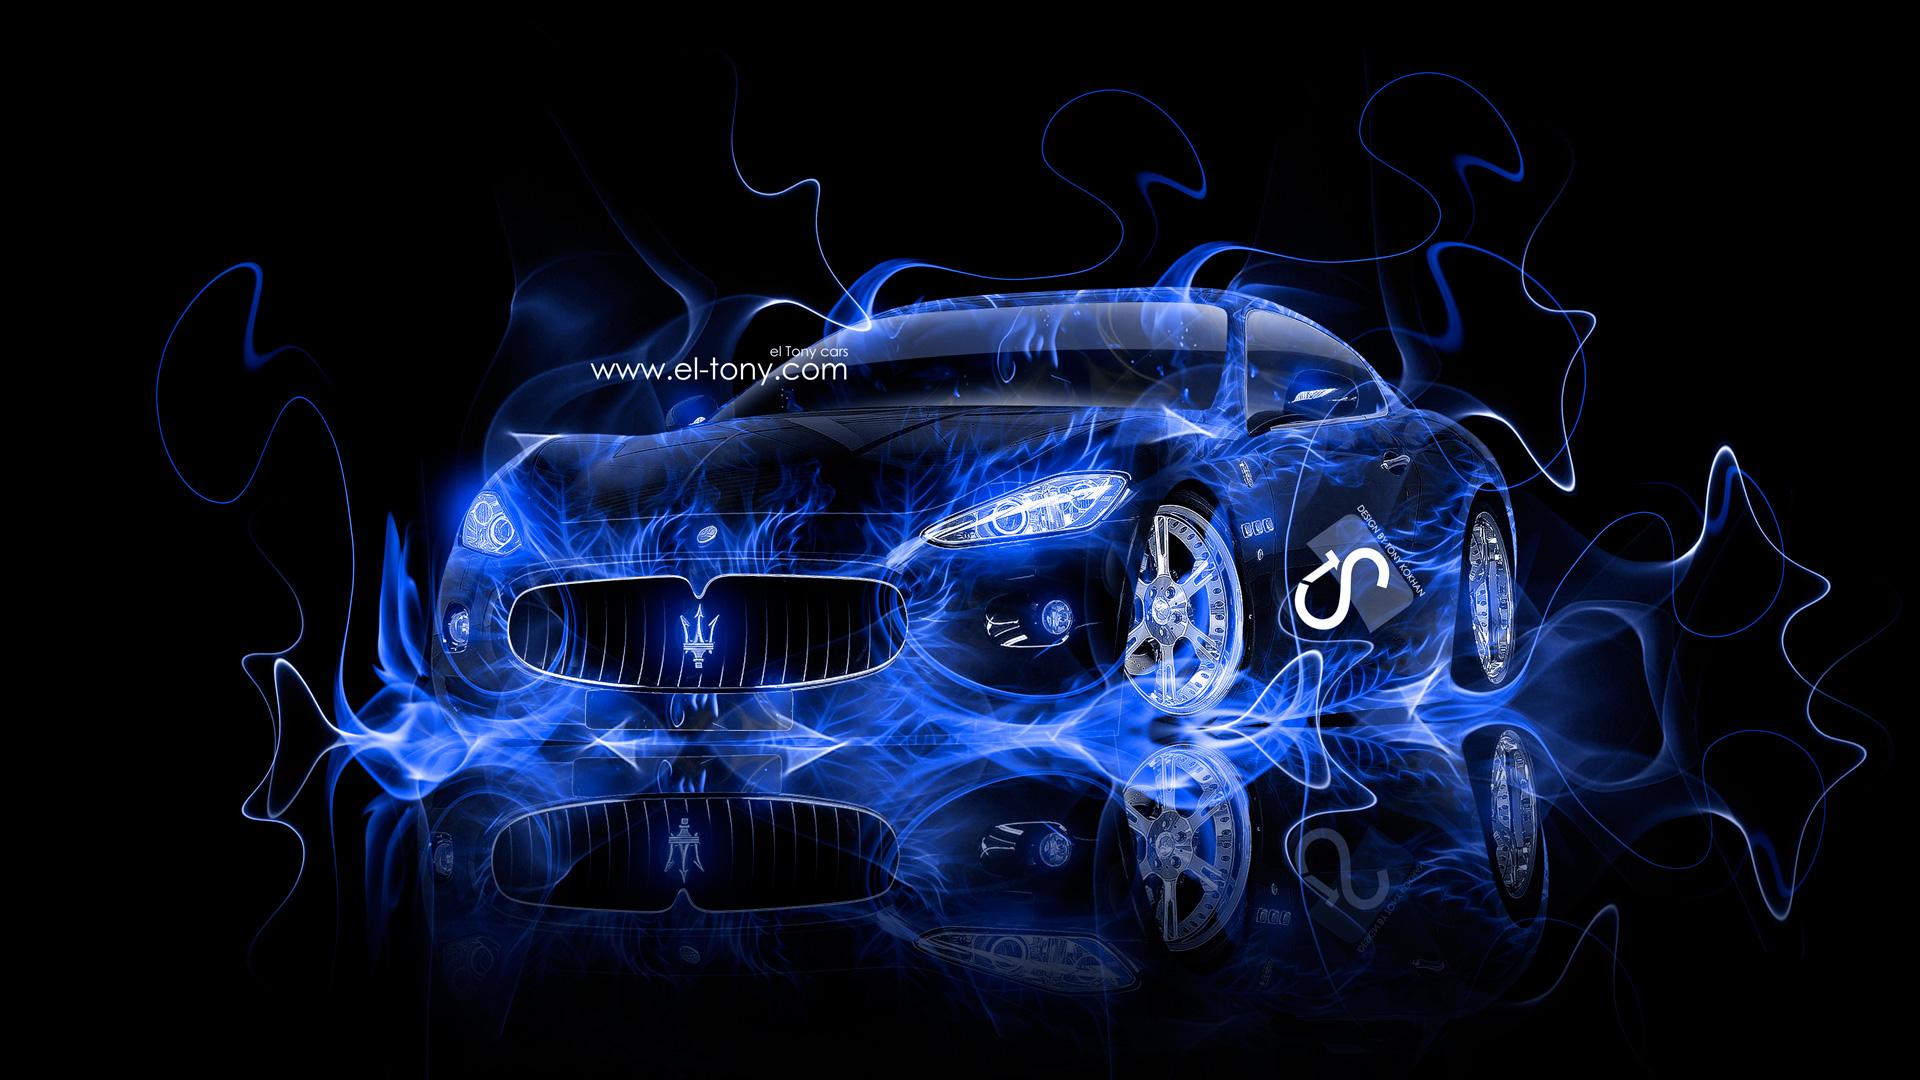 Neon Car Wallpaper Wallpapersafari